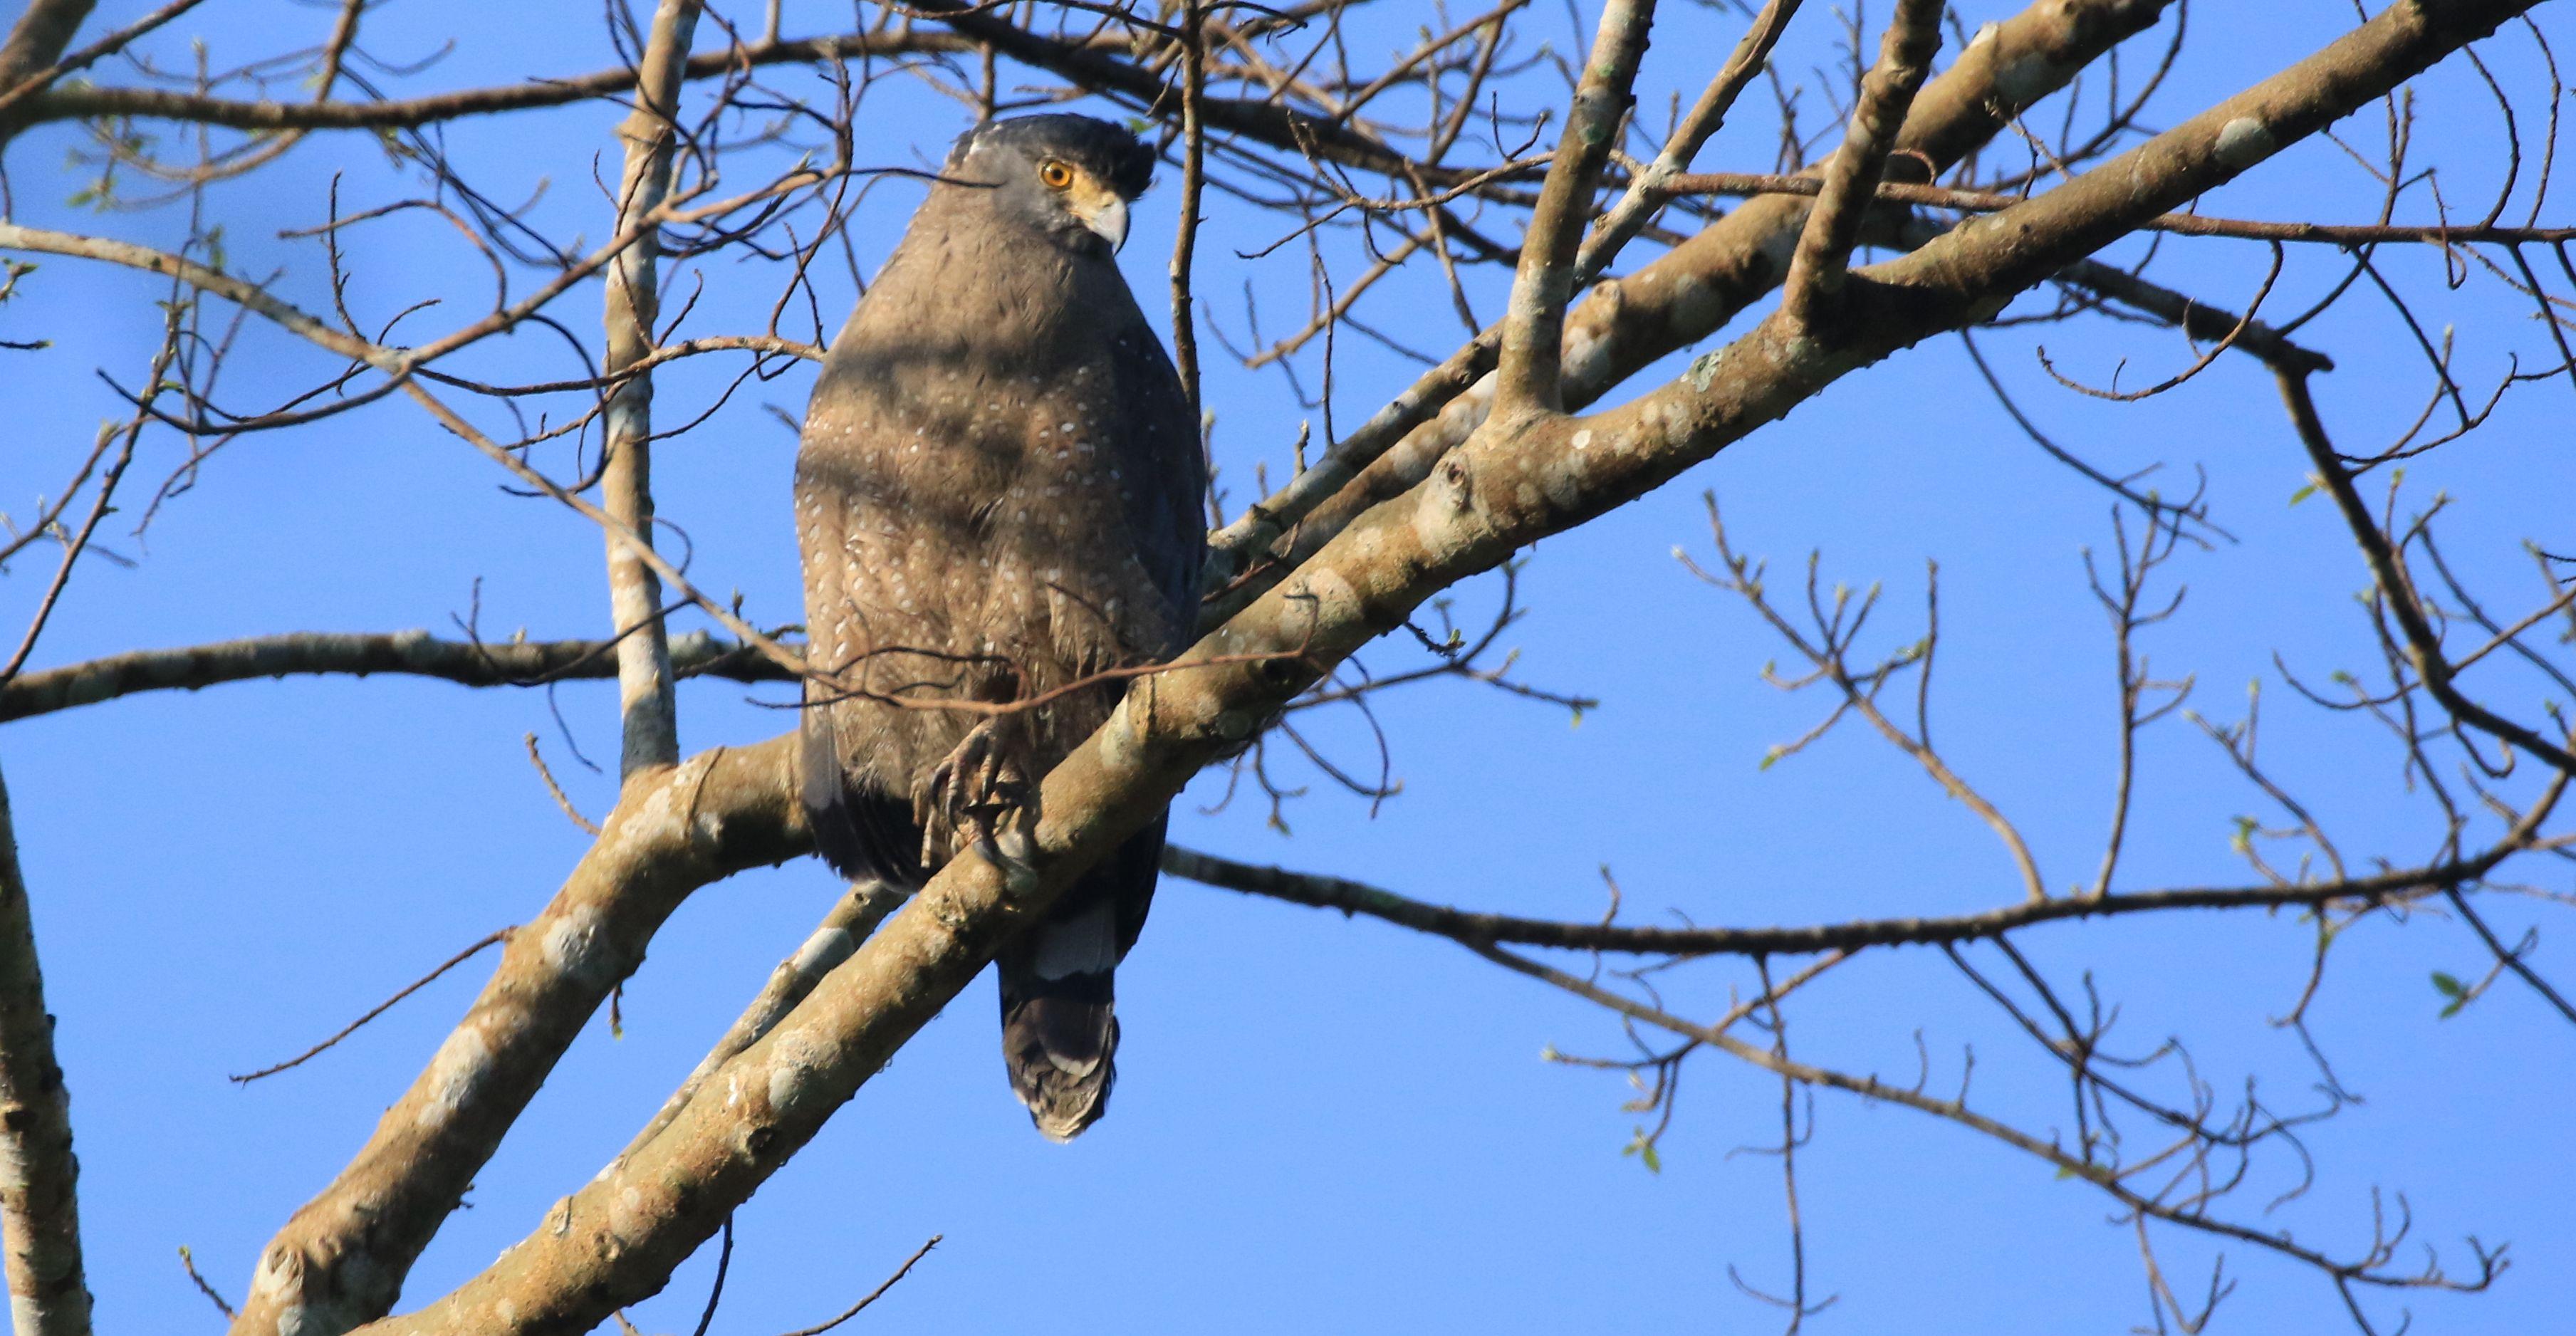 Crested Serpent Eagle_Assam Trunk Rd.jpg